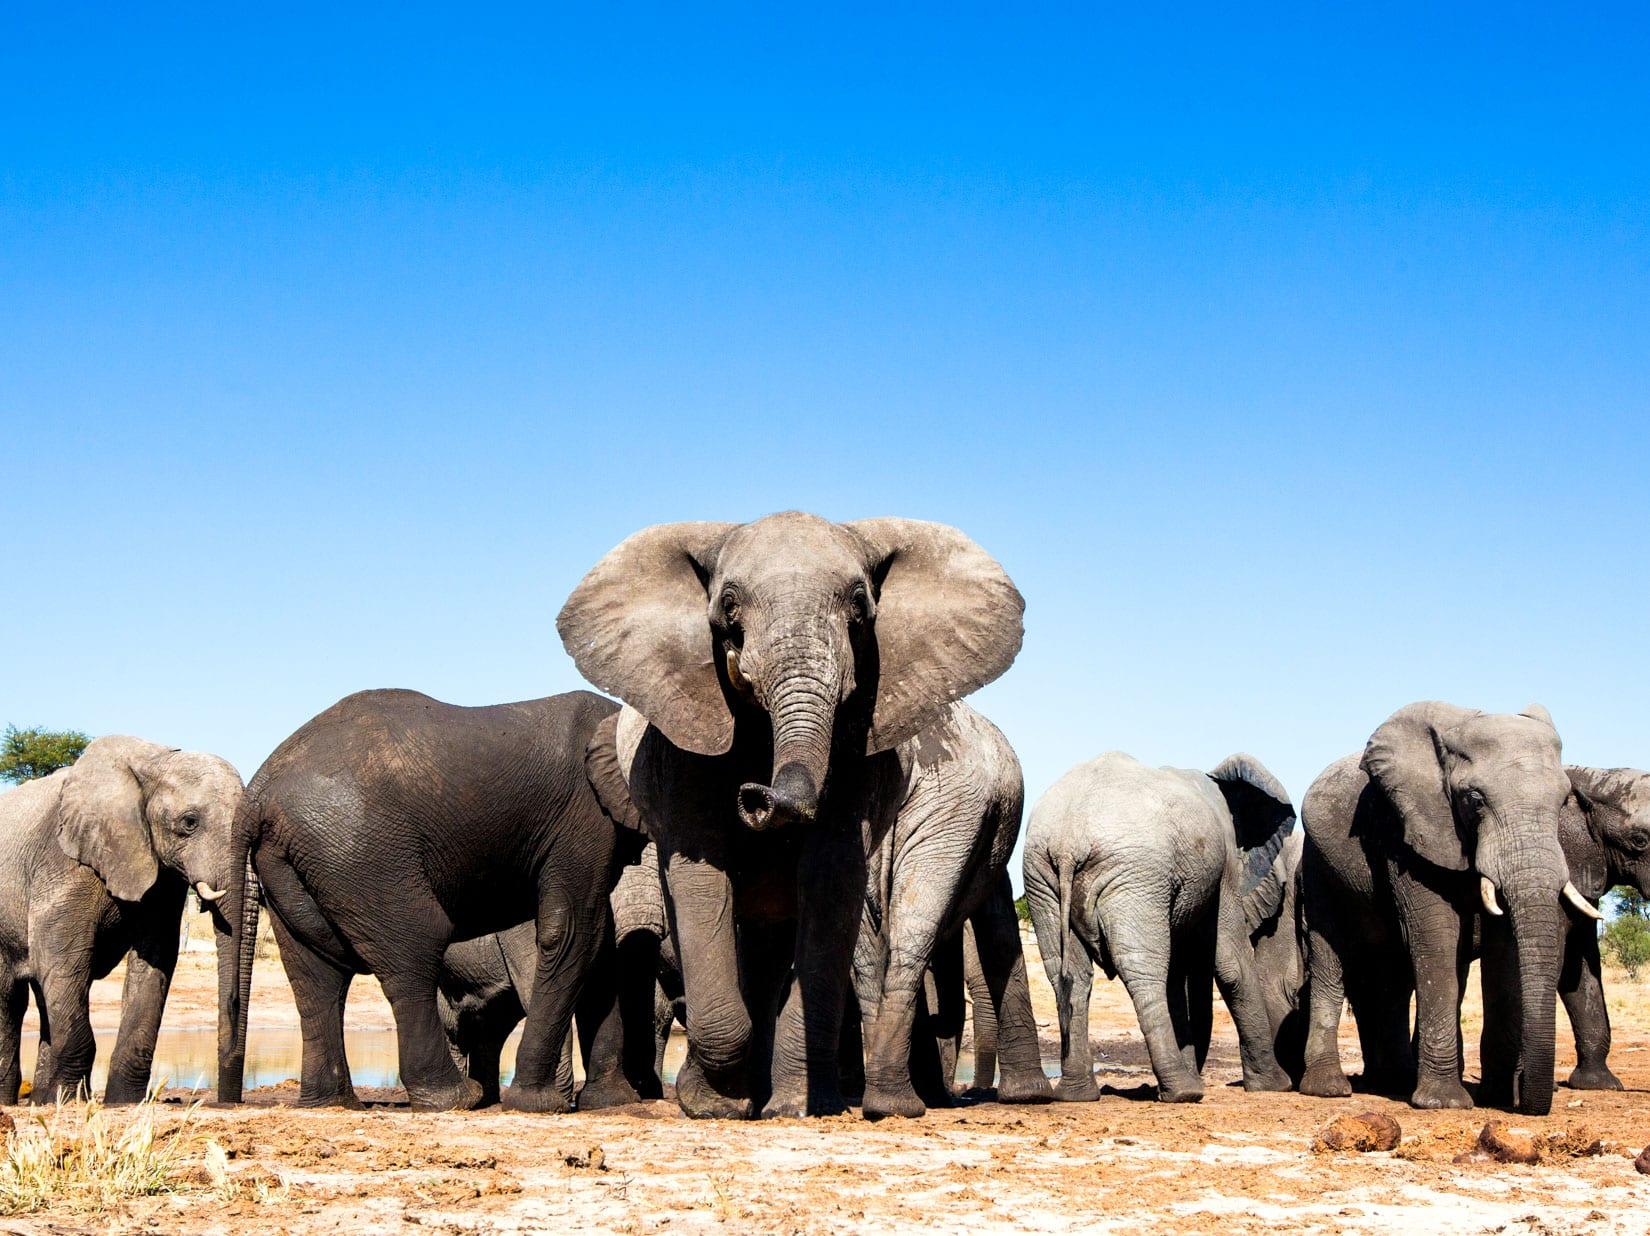 Group of elephants in the desert